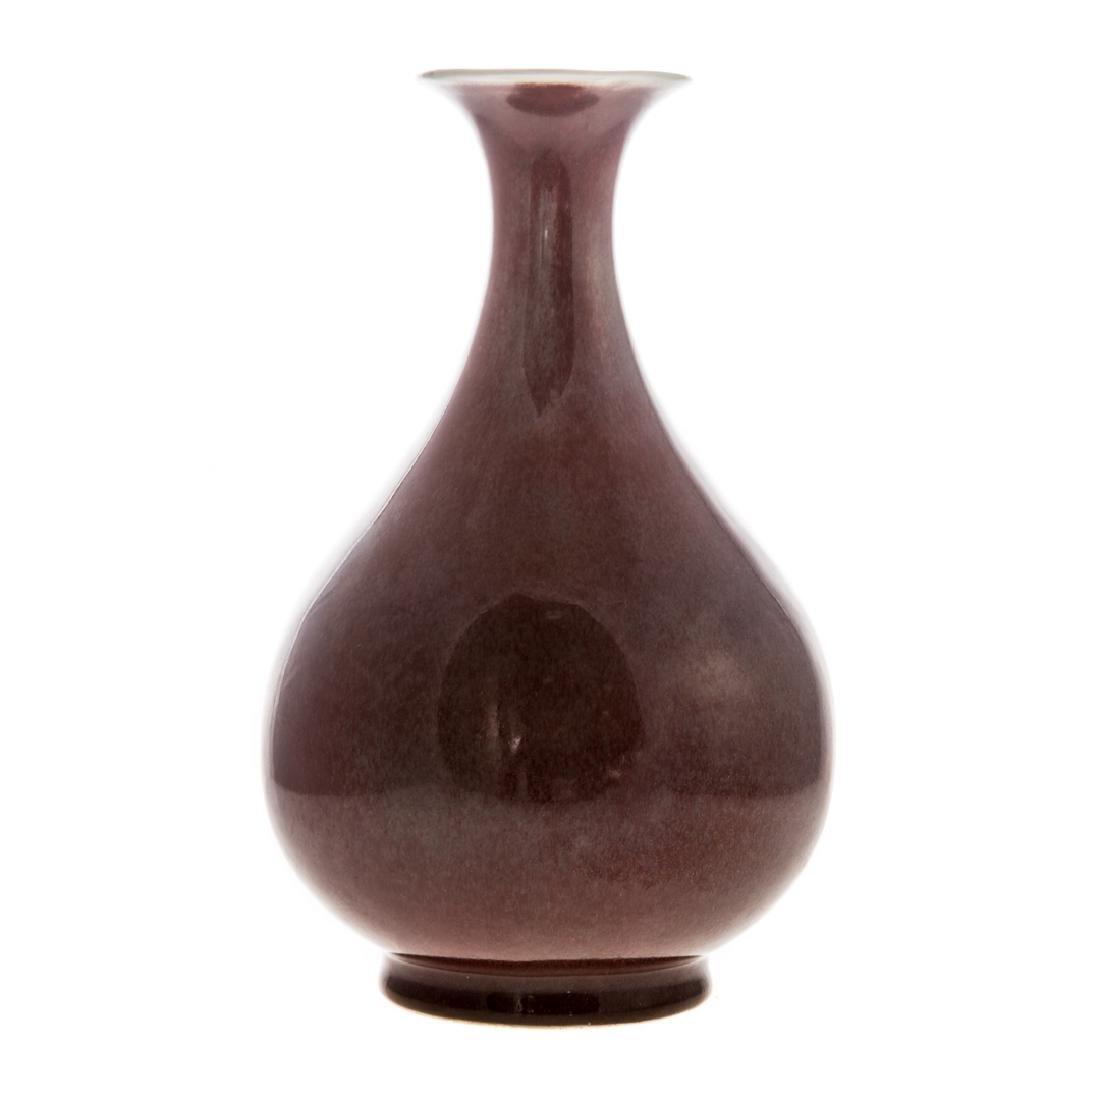 Chinese Sang de Boeuf porcelain bottle vase - 2